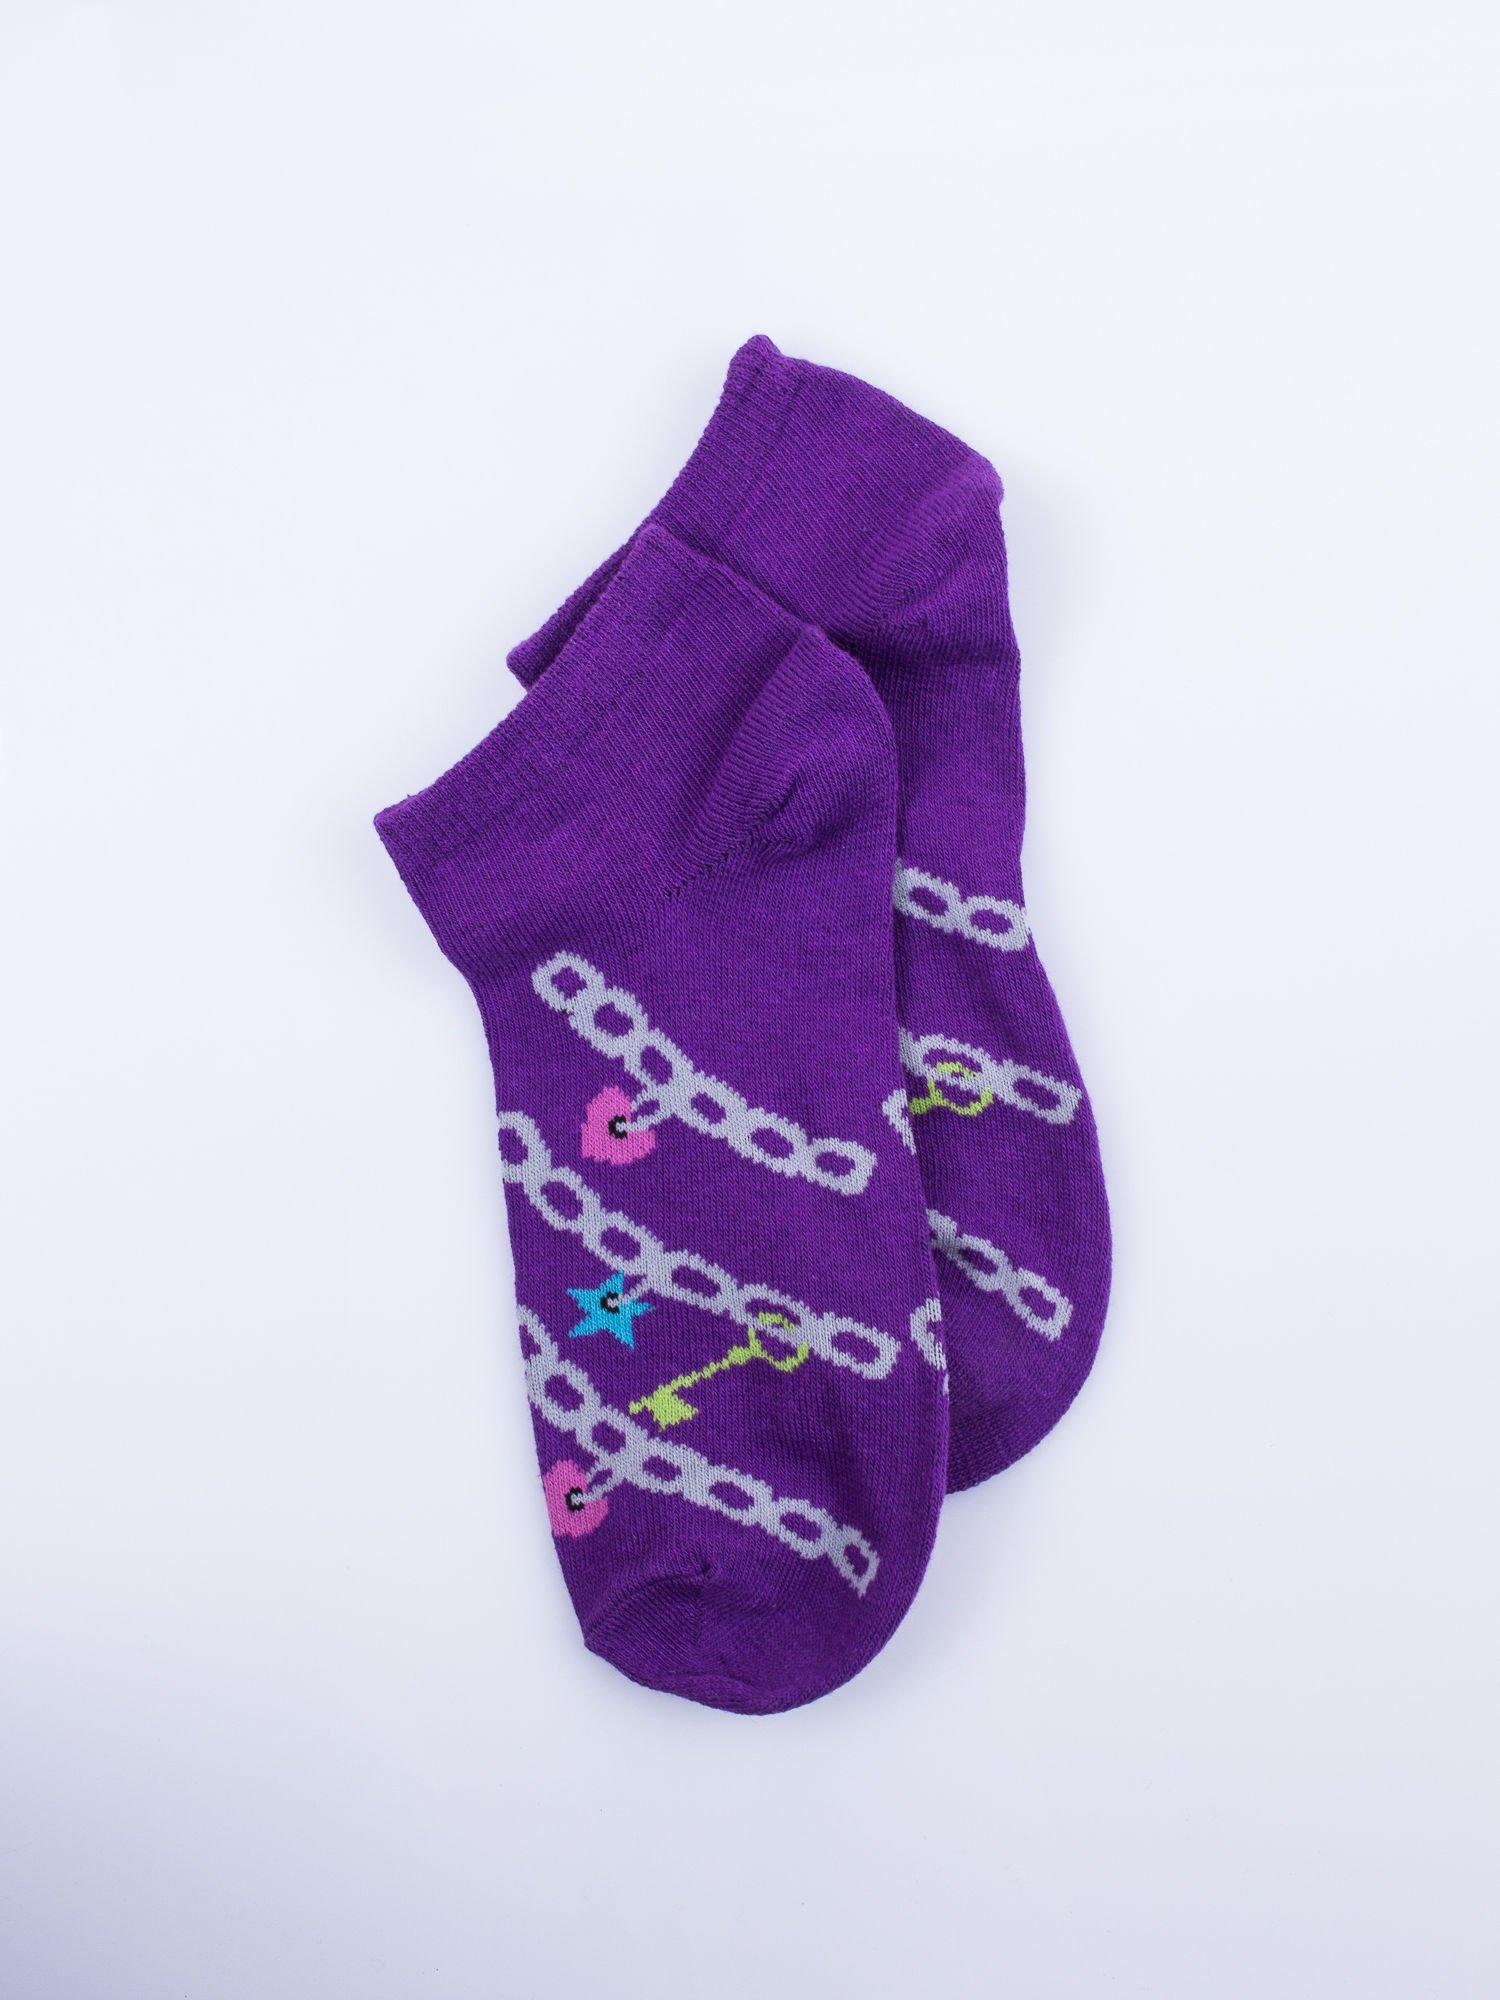 Skarpetki damskie stopki fiolet-biały dziewczęce zestaw 2 pary                                  zdj.                                  3